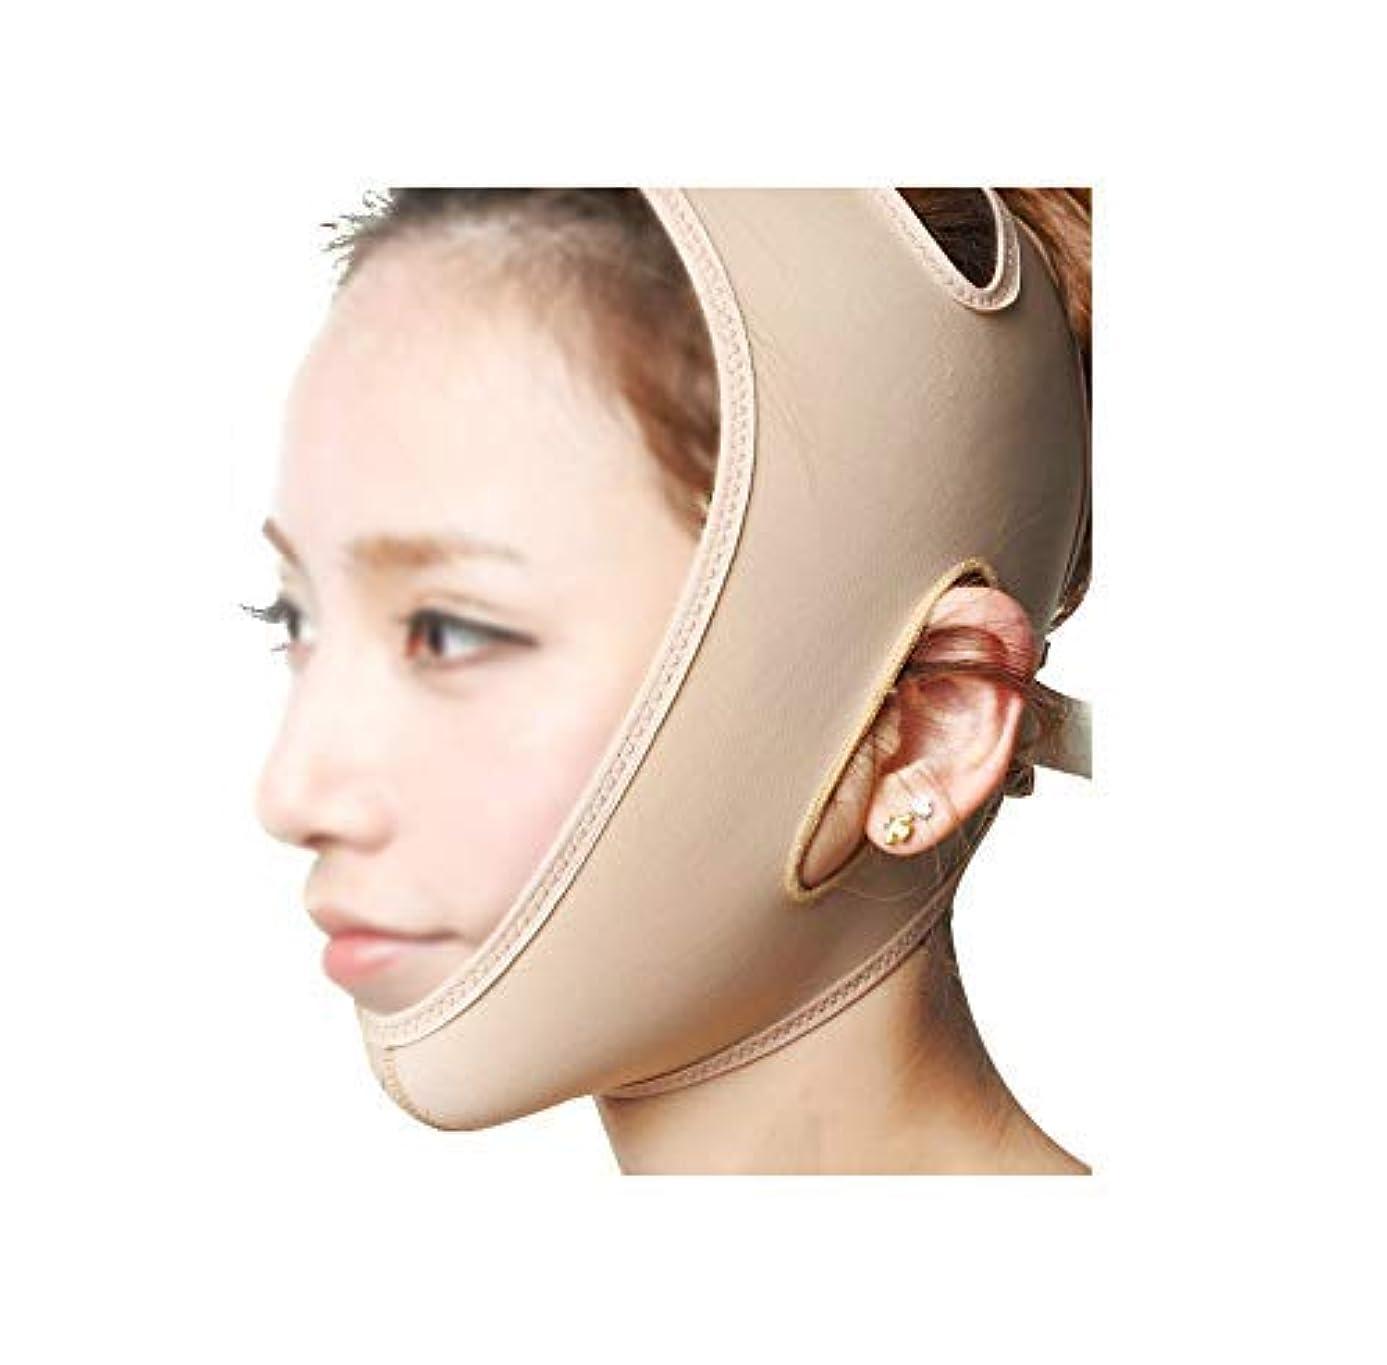 フェイスリフティングバンデージ、フェイスマスク3Dパネルデザイン、通気性に優れたライクラ素材の物理的なVフェイス、美しい顔の輪郭の作成(サイズ:S),M